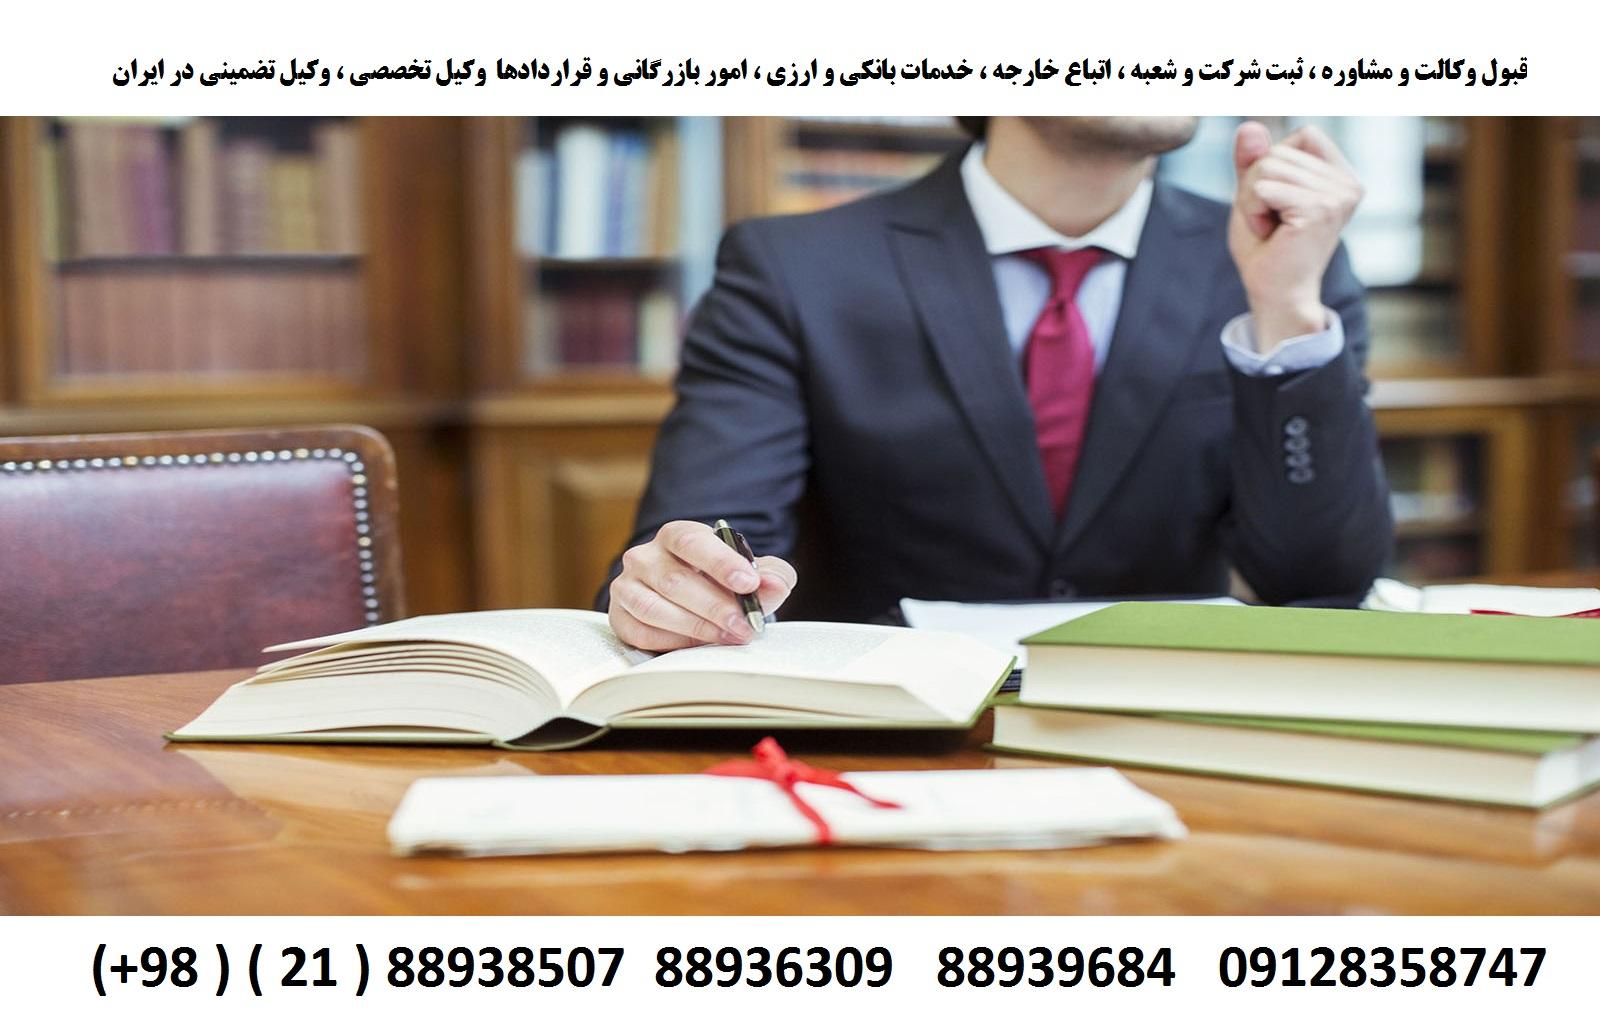 قبول وکالت و مشاوره ، ثبت شرکت و شعبه ، خدمات بانکی و ارزی ، بازرگانی (7)